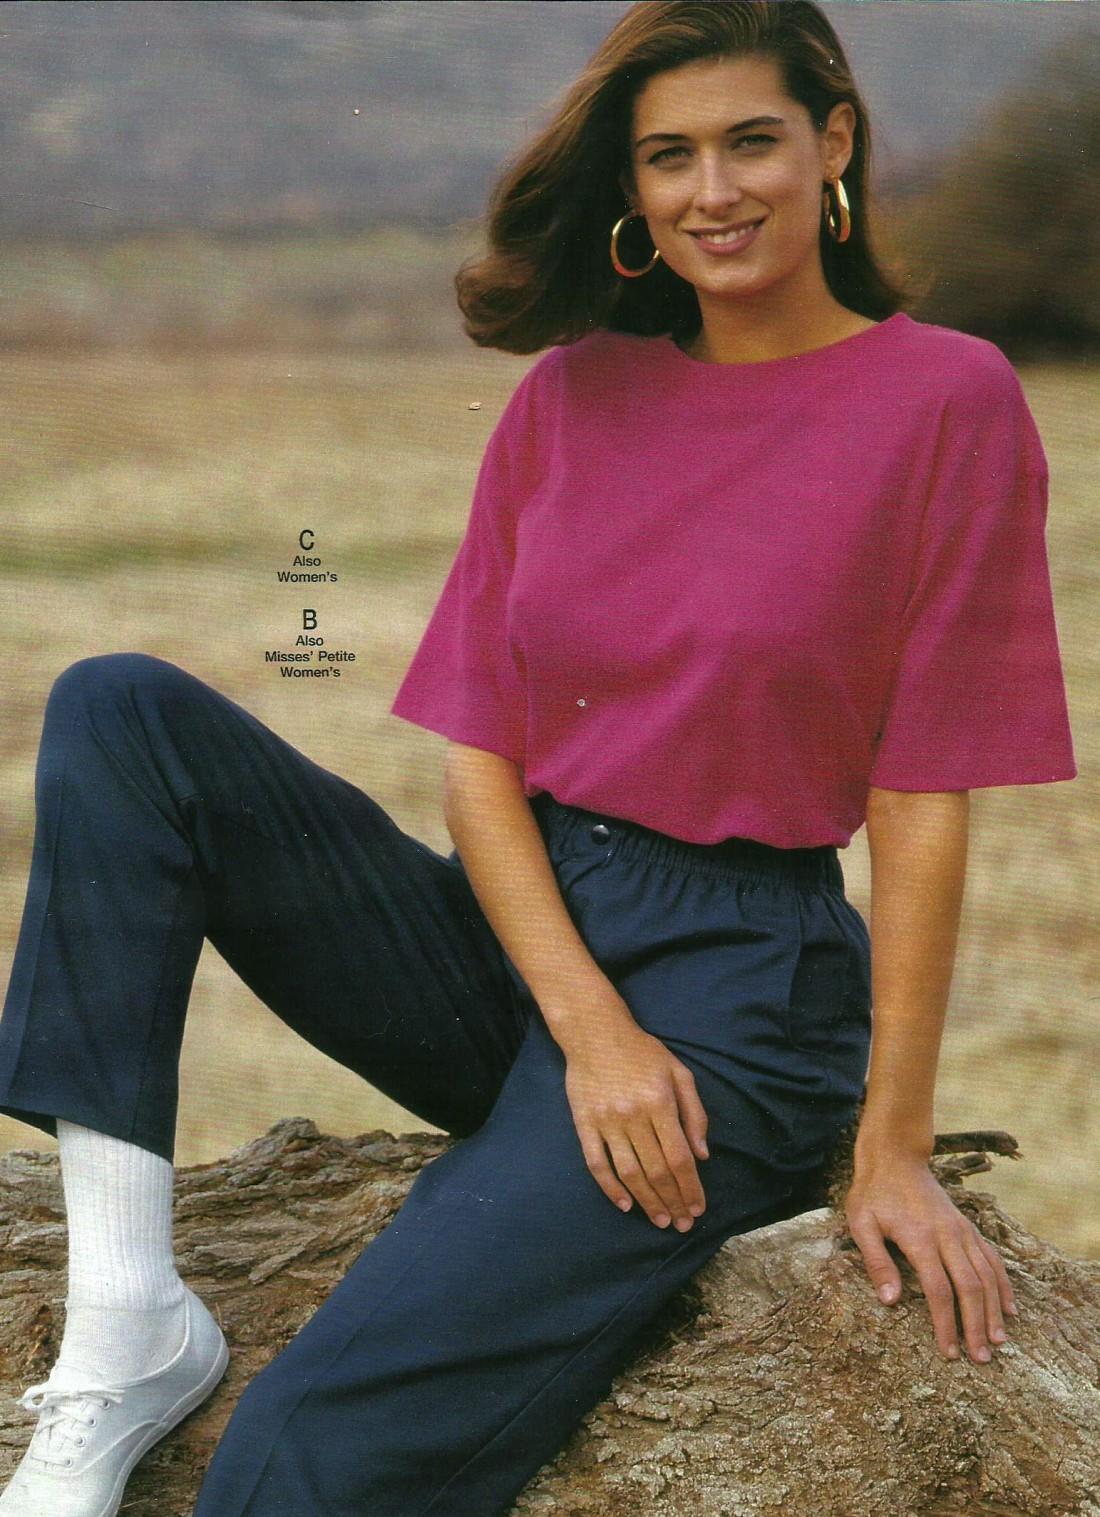 Фото из каталога (1993)